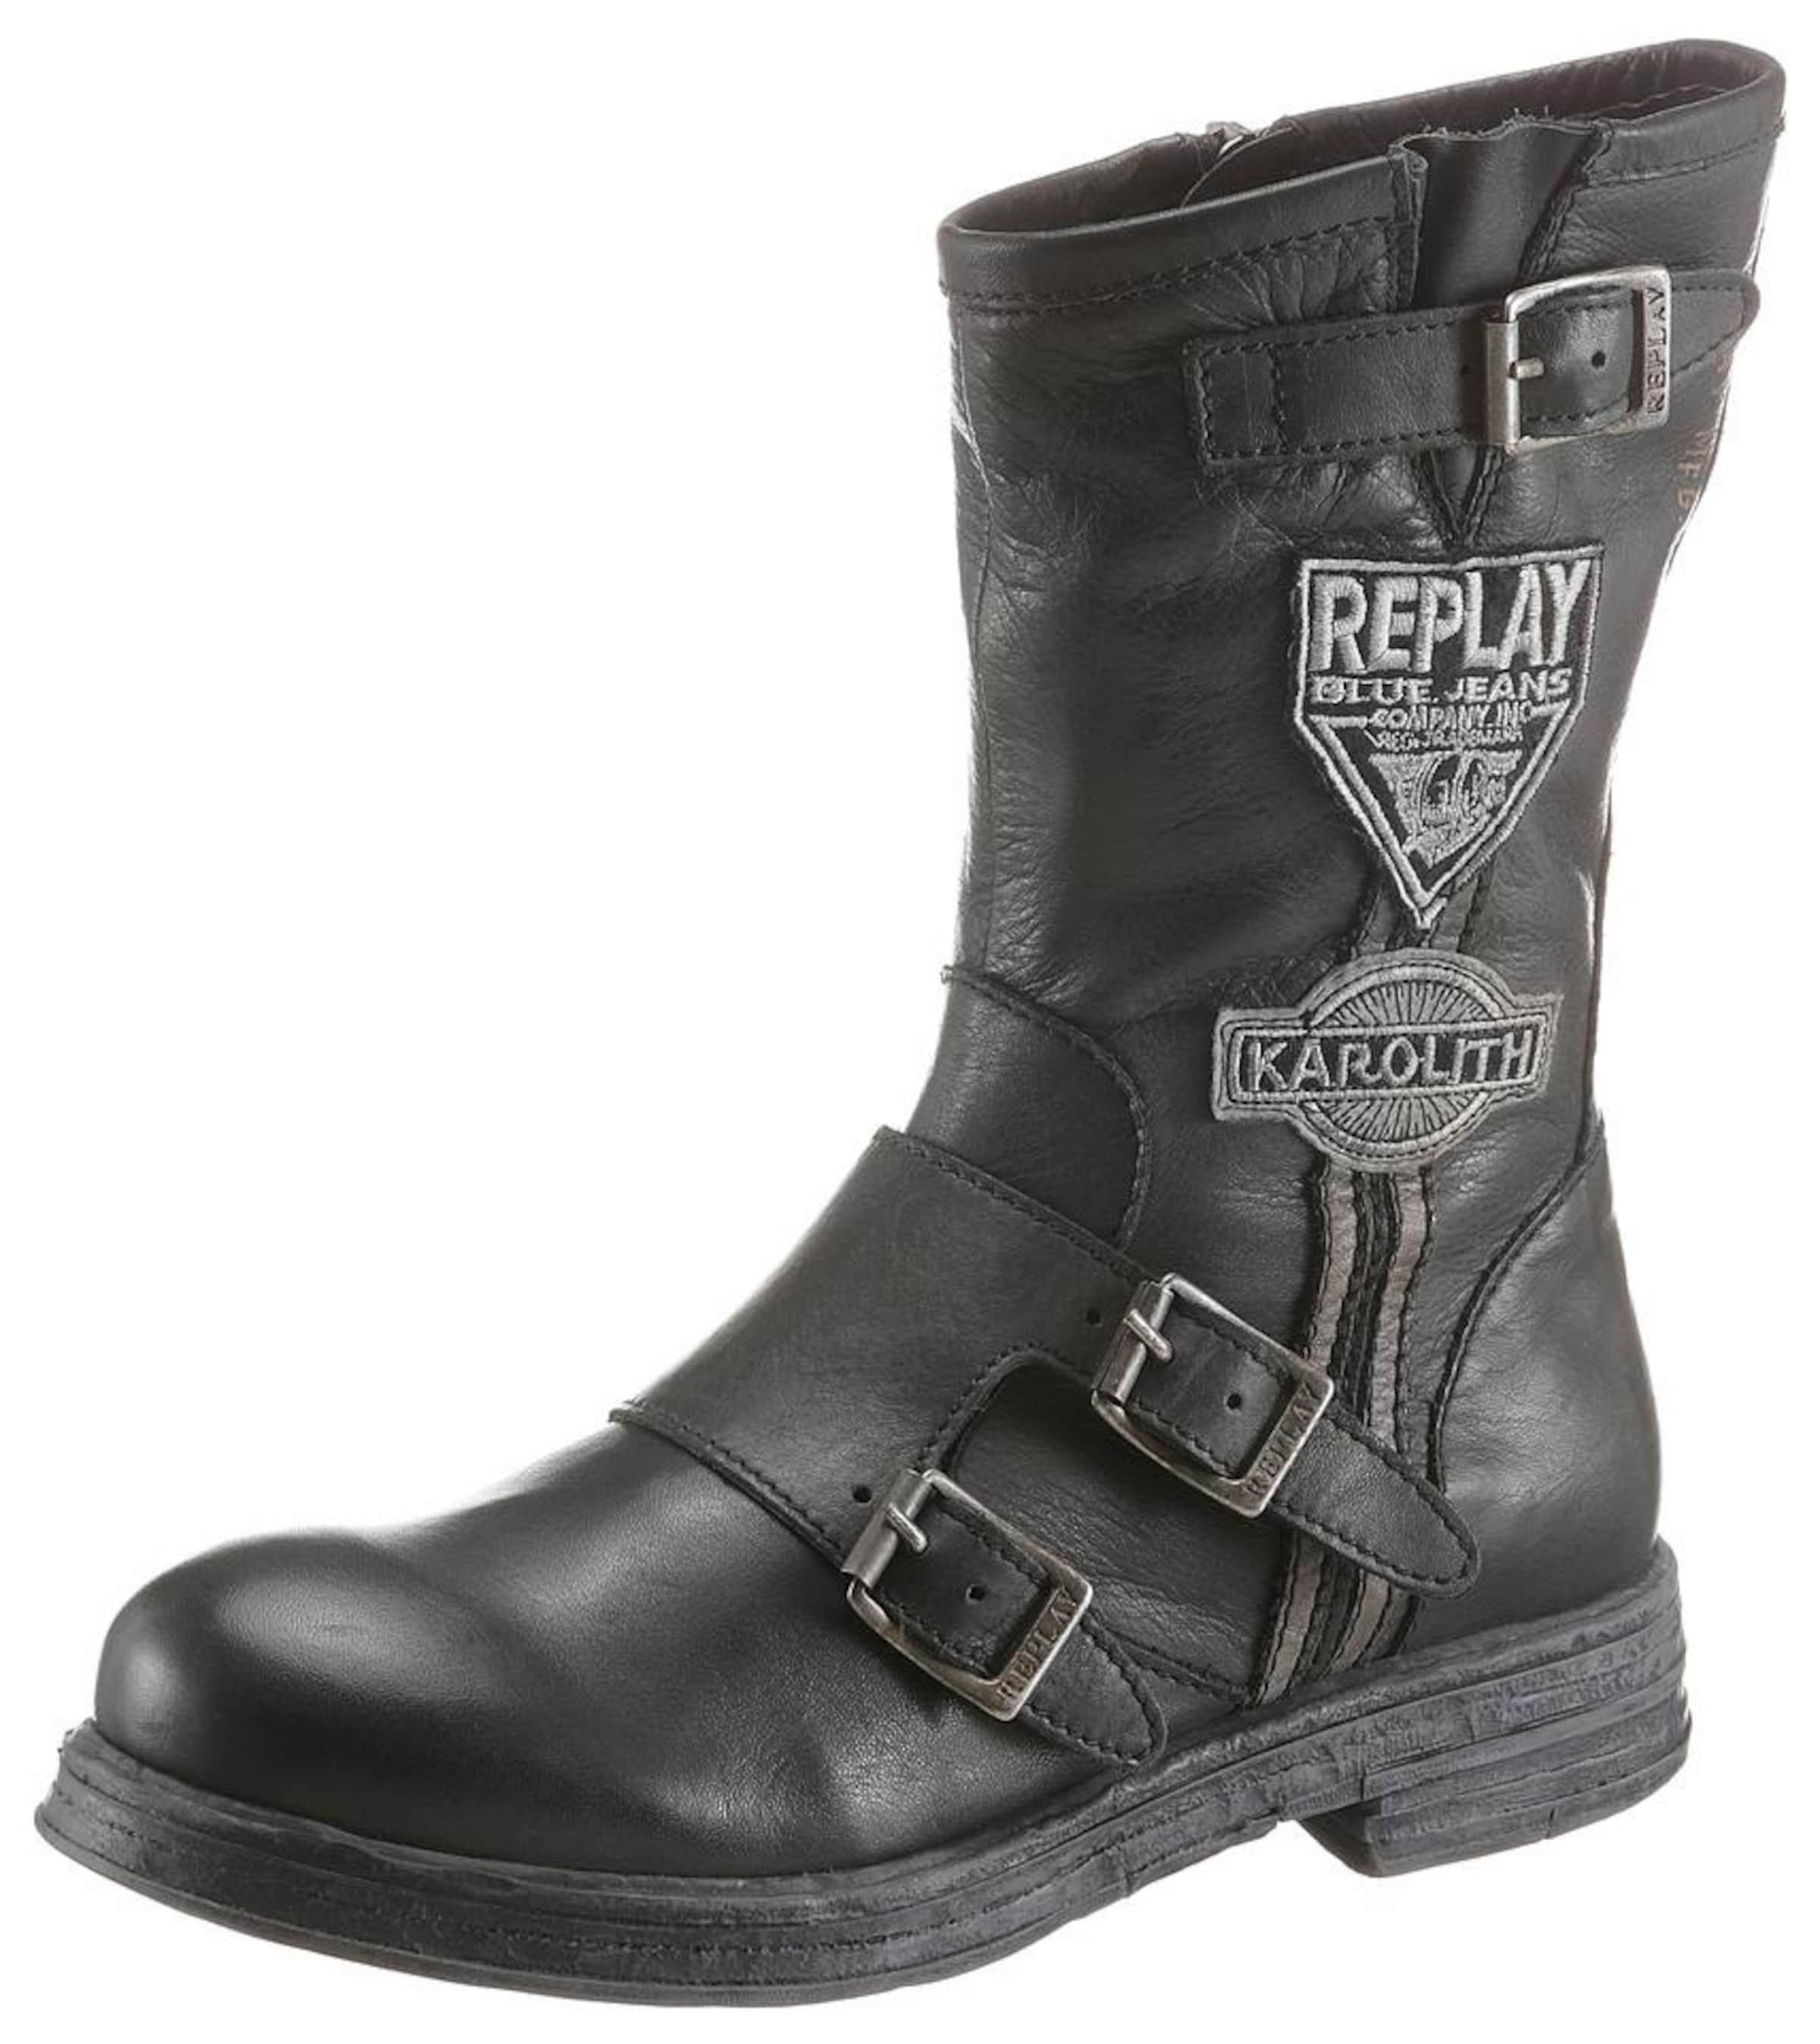 REPLAY Bikerboots Shelby Verschleißfeste billige Schuhe